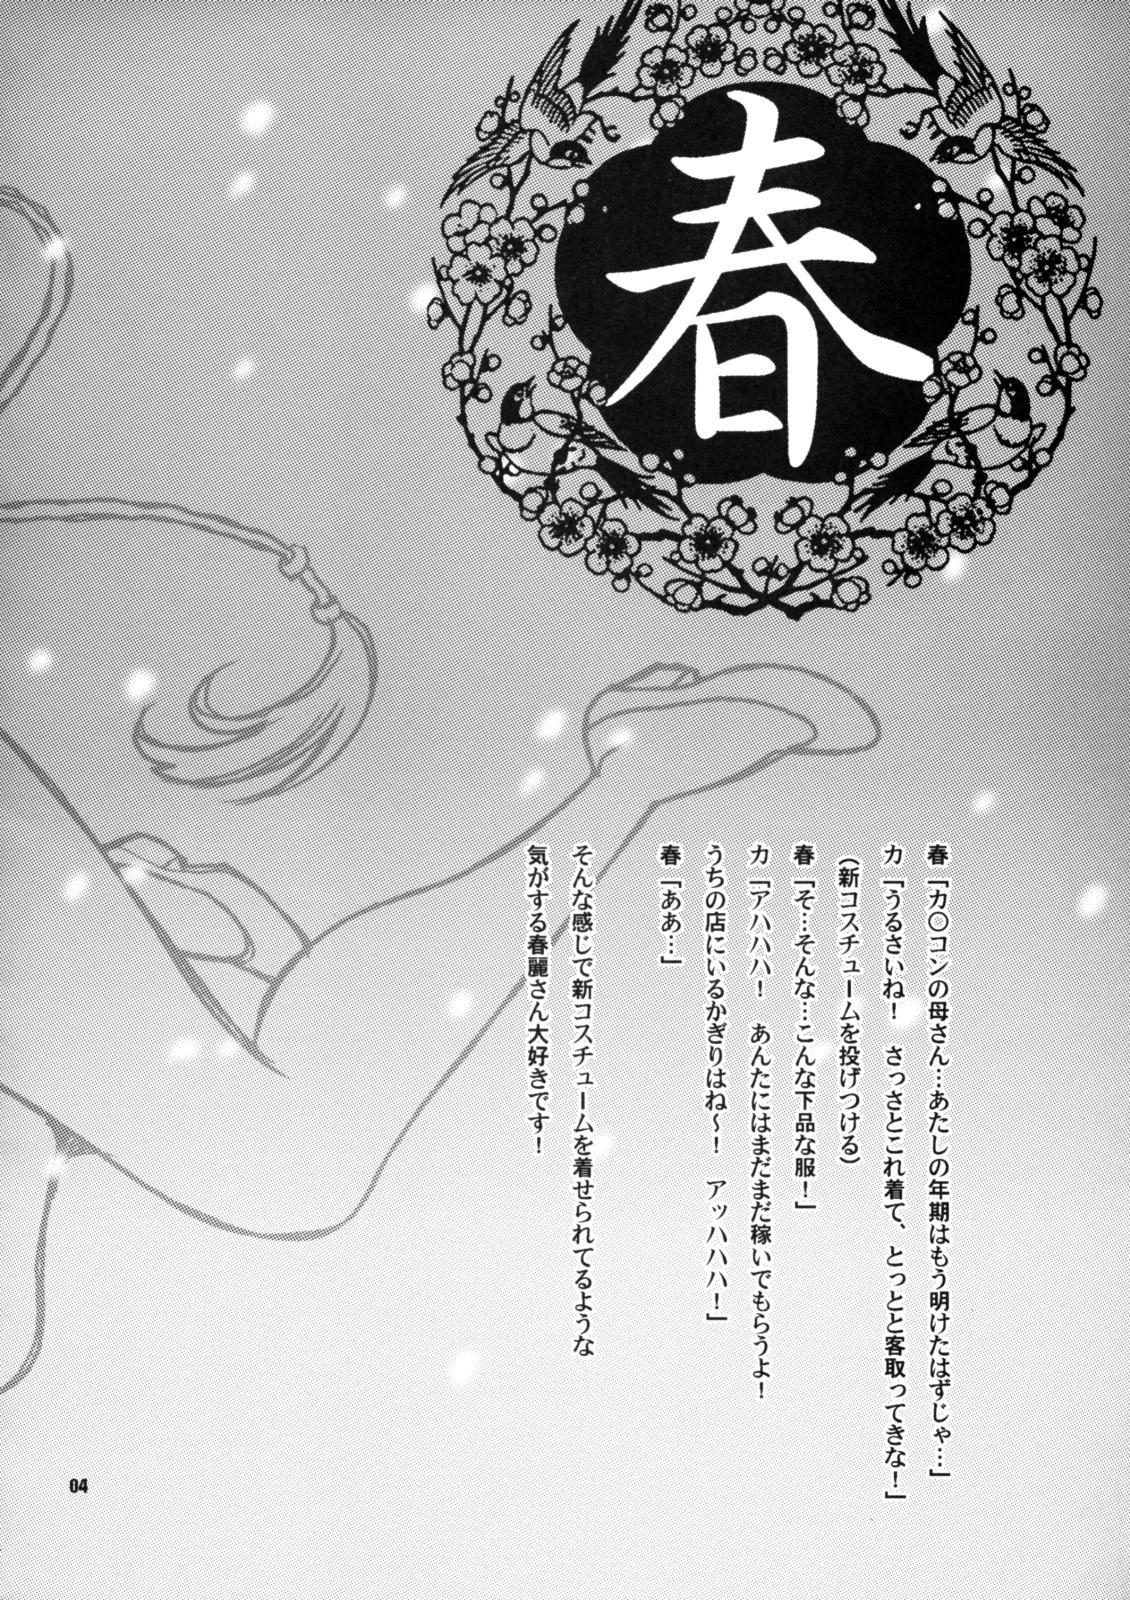 (C75) [Shallot Coco (Yukiyanagi)] Yukiyanagi no Hon 18 Chun-Li Keiji no Oppai Sousa | Detective Chun-Li's Boobie Investigation (Street Fighter) [English] [Hentai from Hell] 2